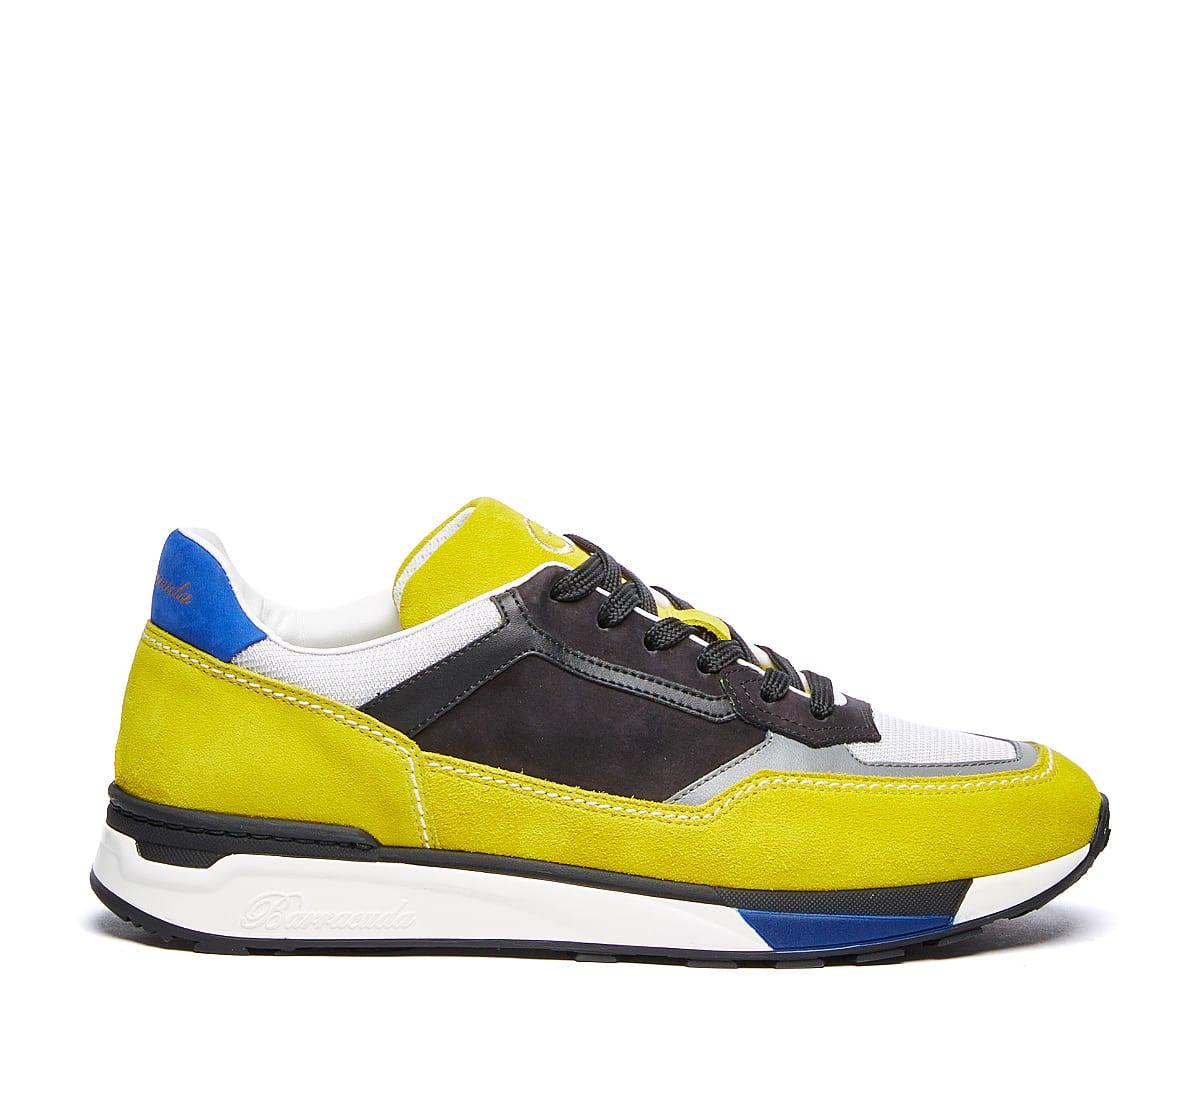 Barracuda Sneaker In I.gia/gri/gri/ne/ne/blu